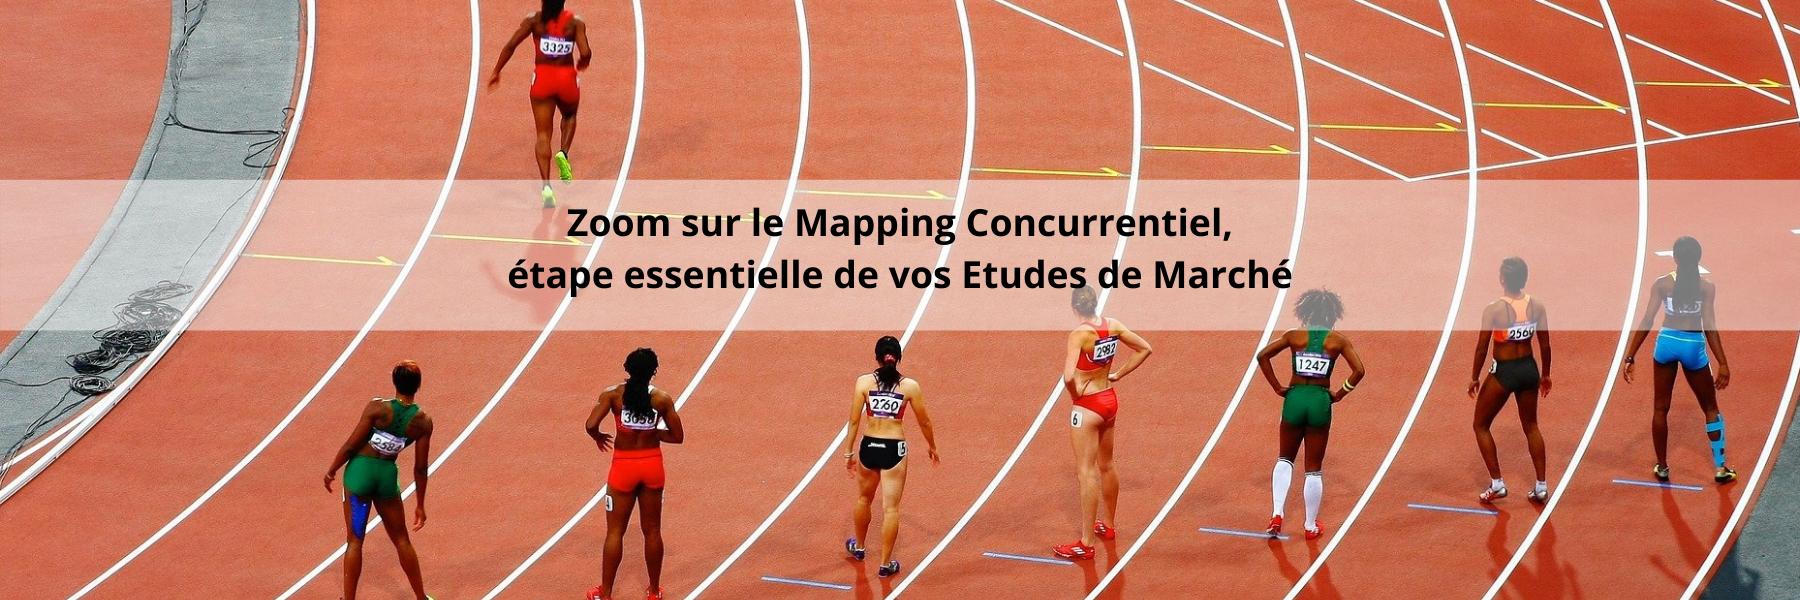 zoom sur le mapping concurrentiel étude de marché Scope